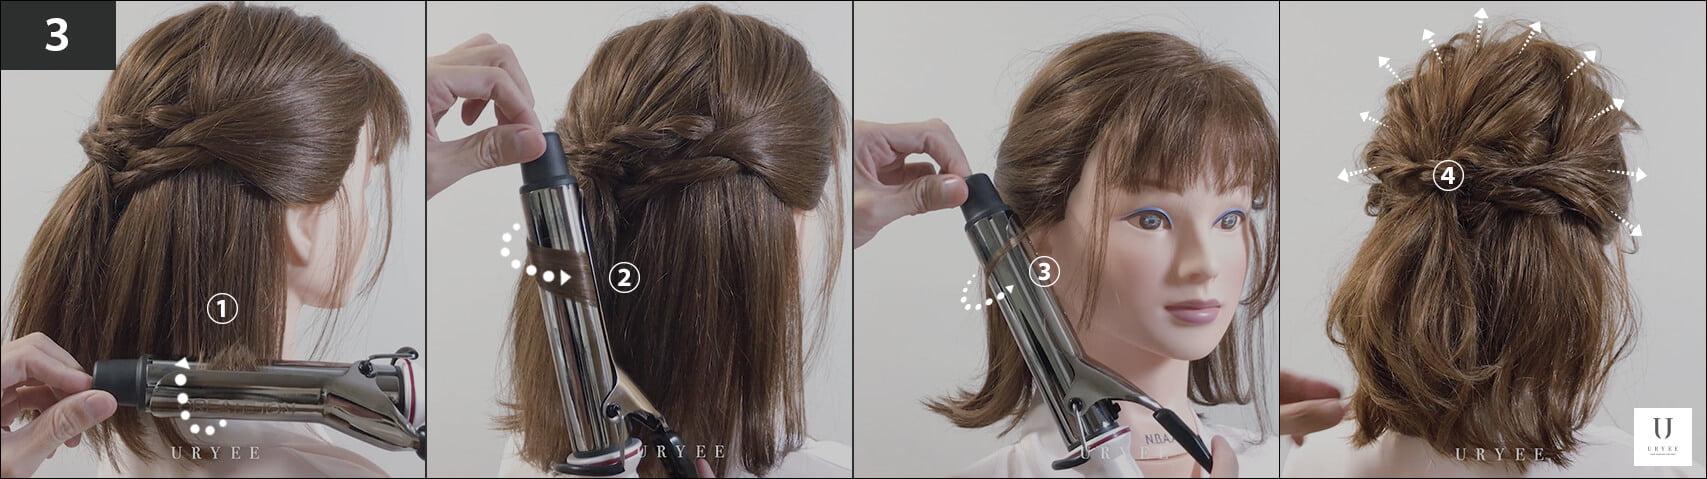 コテで巻き髪をつくり、微調整を加える